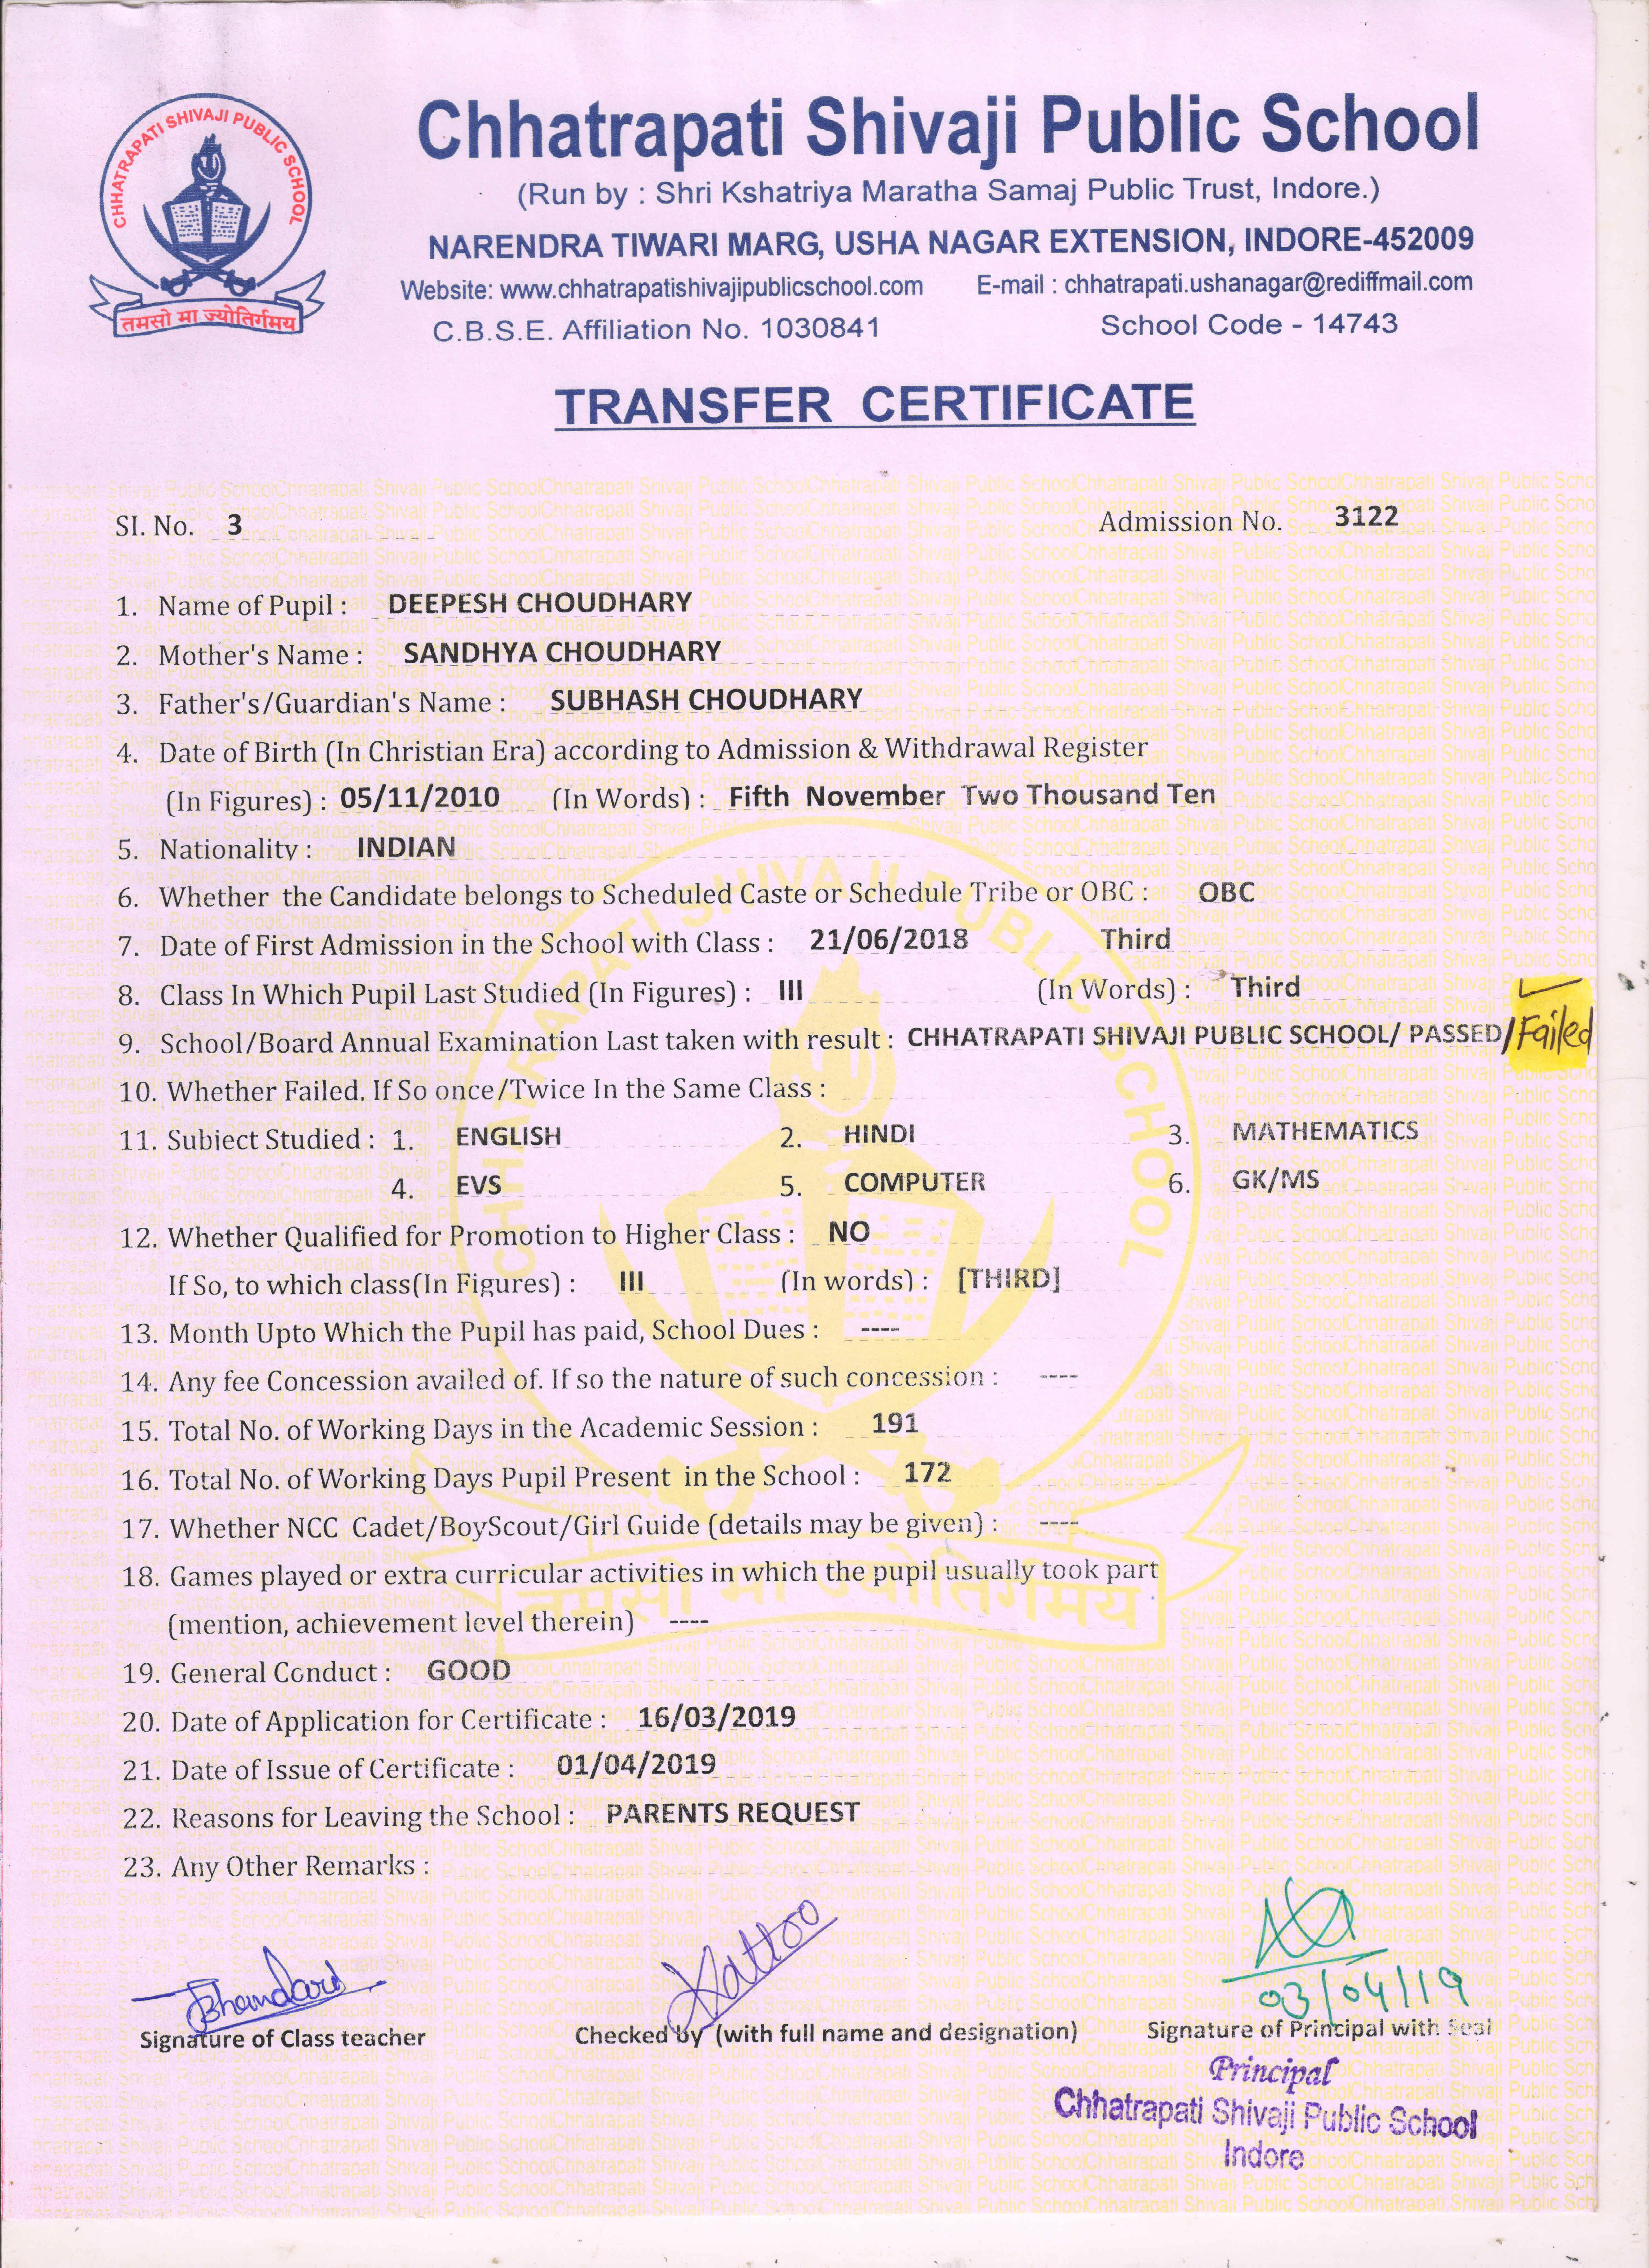 Deepesh Choudhary (TC) - Fail